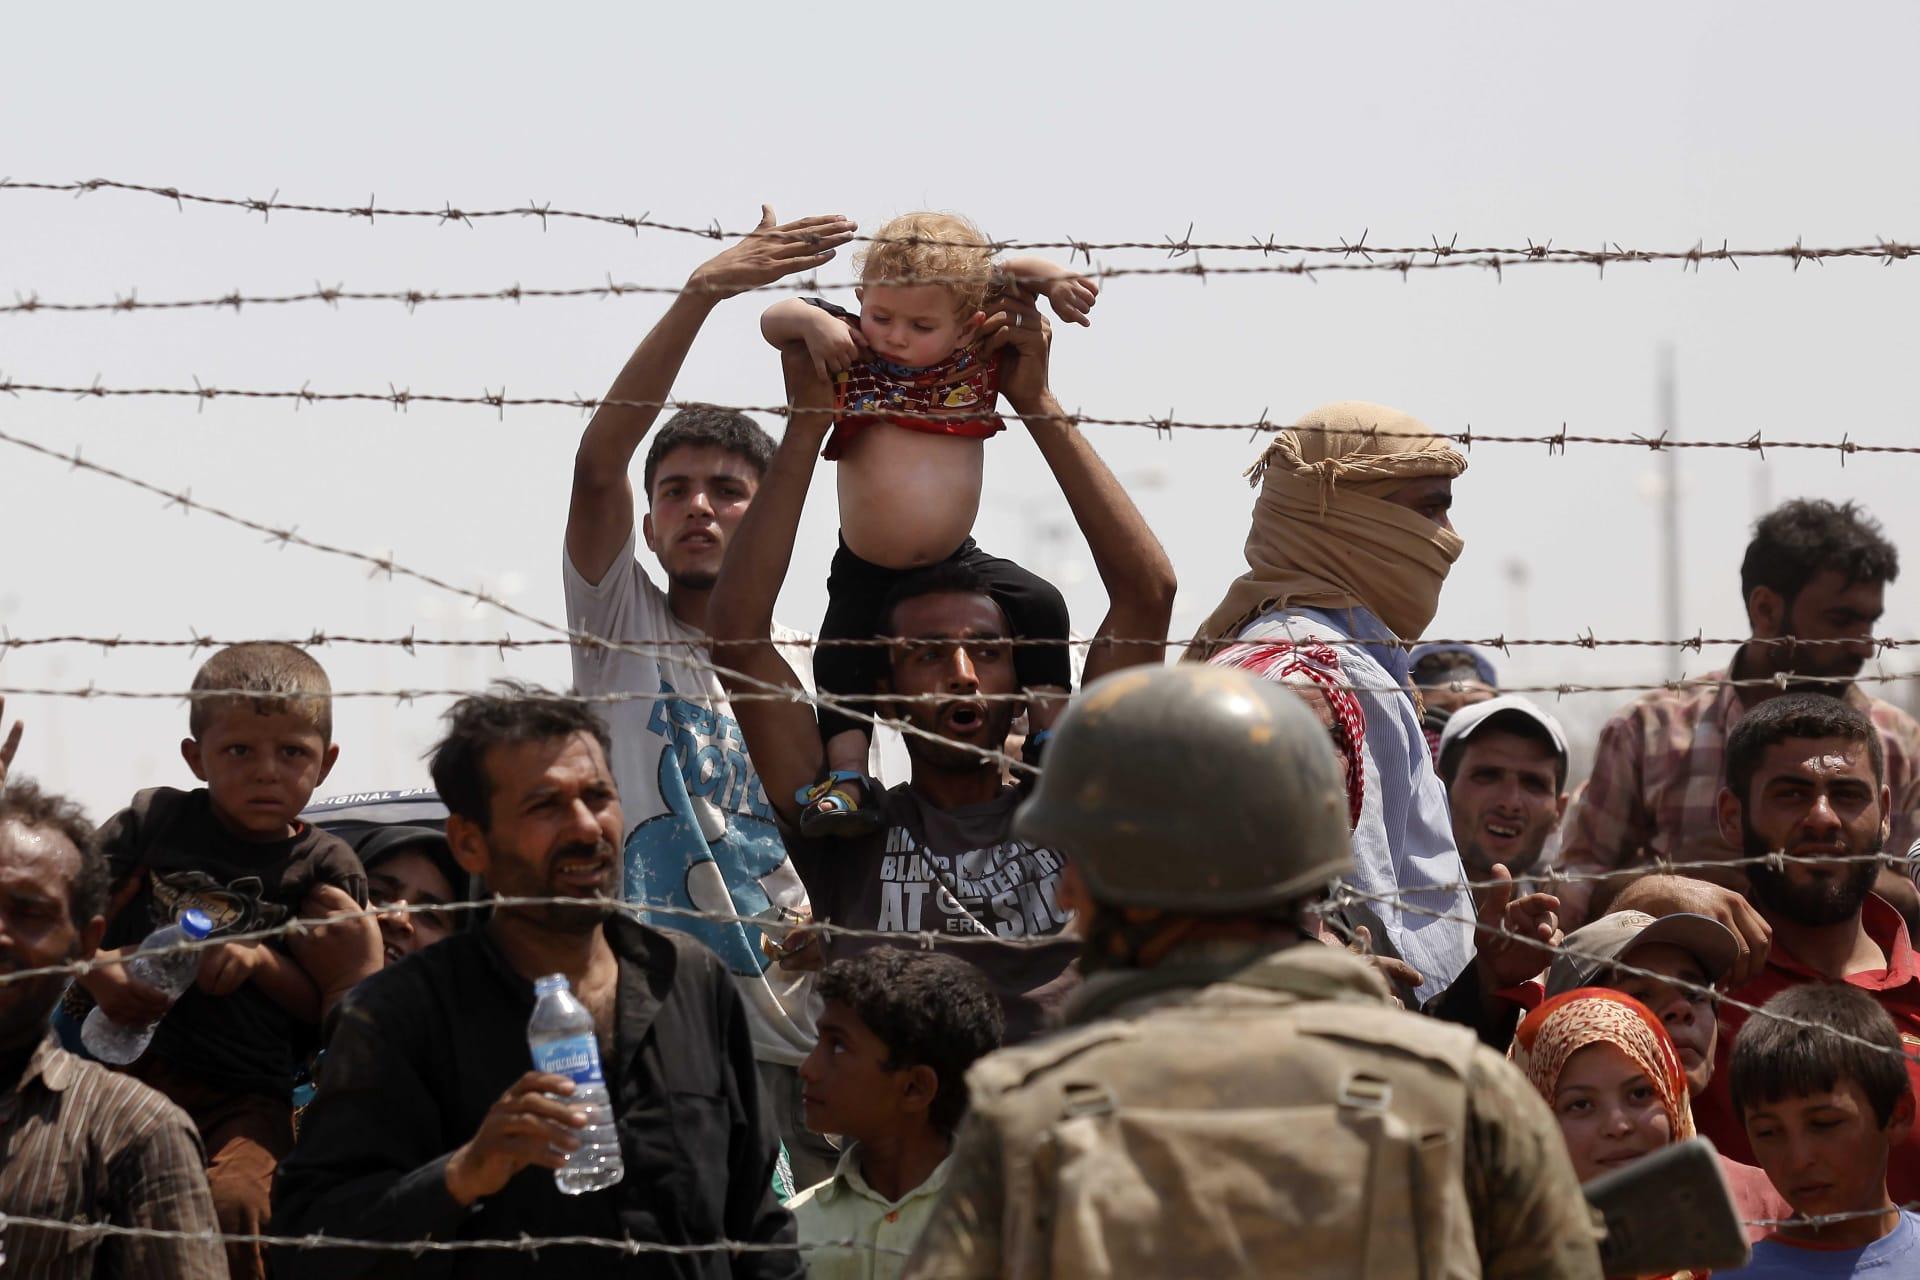 يلدريم: نتقاسم خبزنا مع اللاجئين ولكن لن نسمح أبداً بتقسيم تركيا